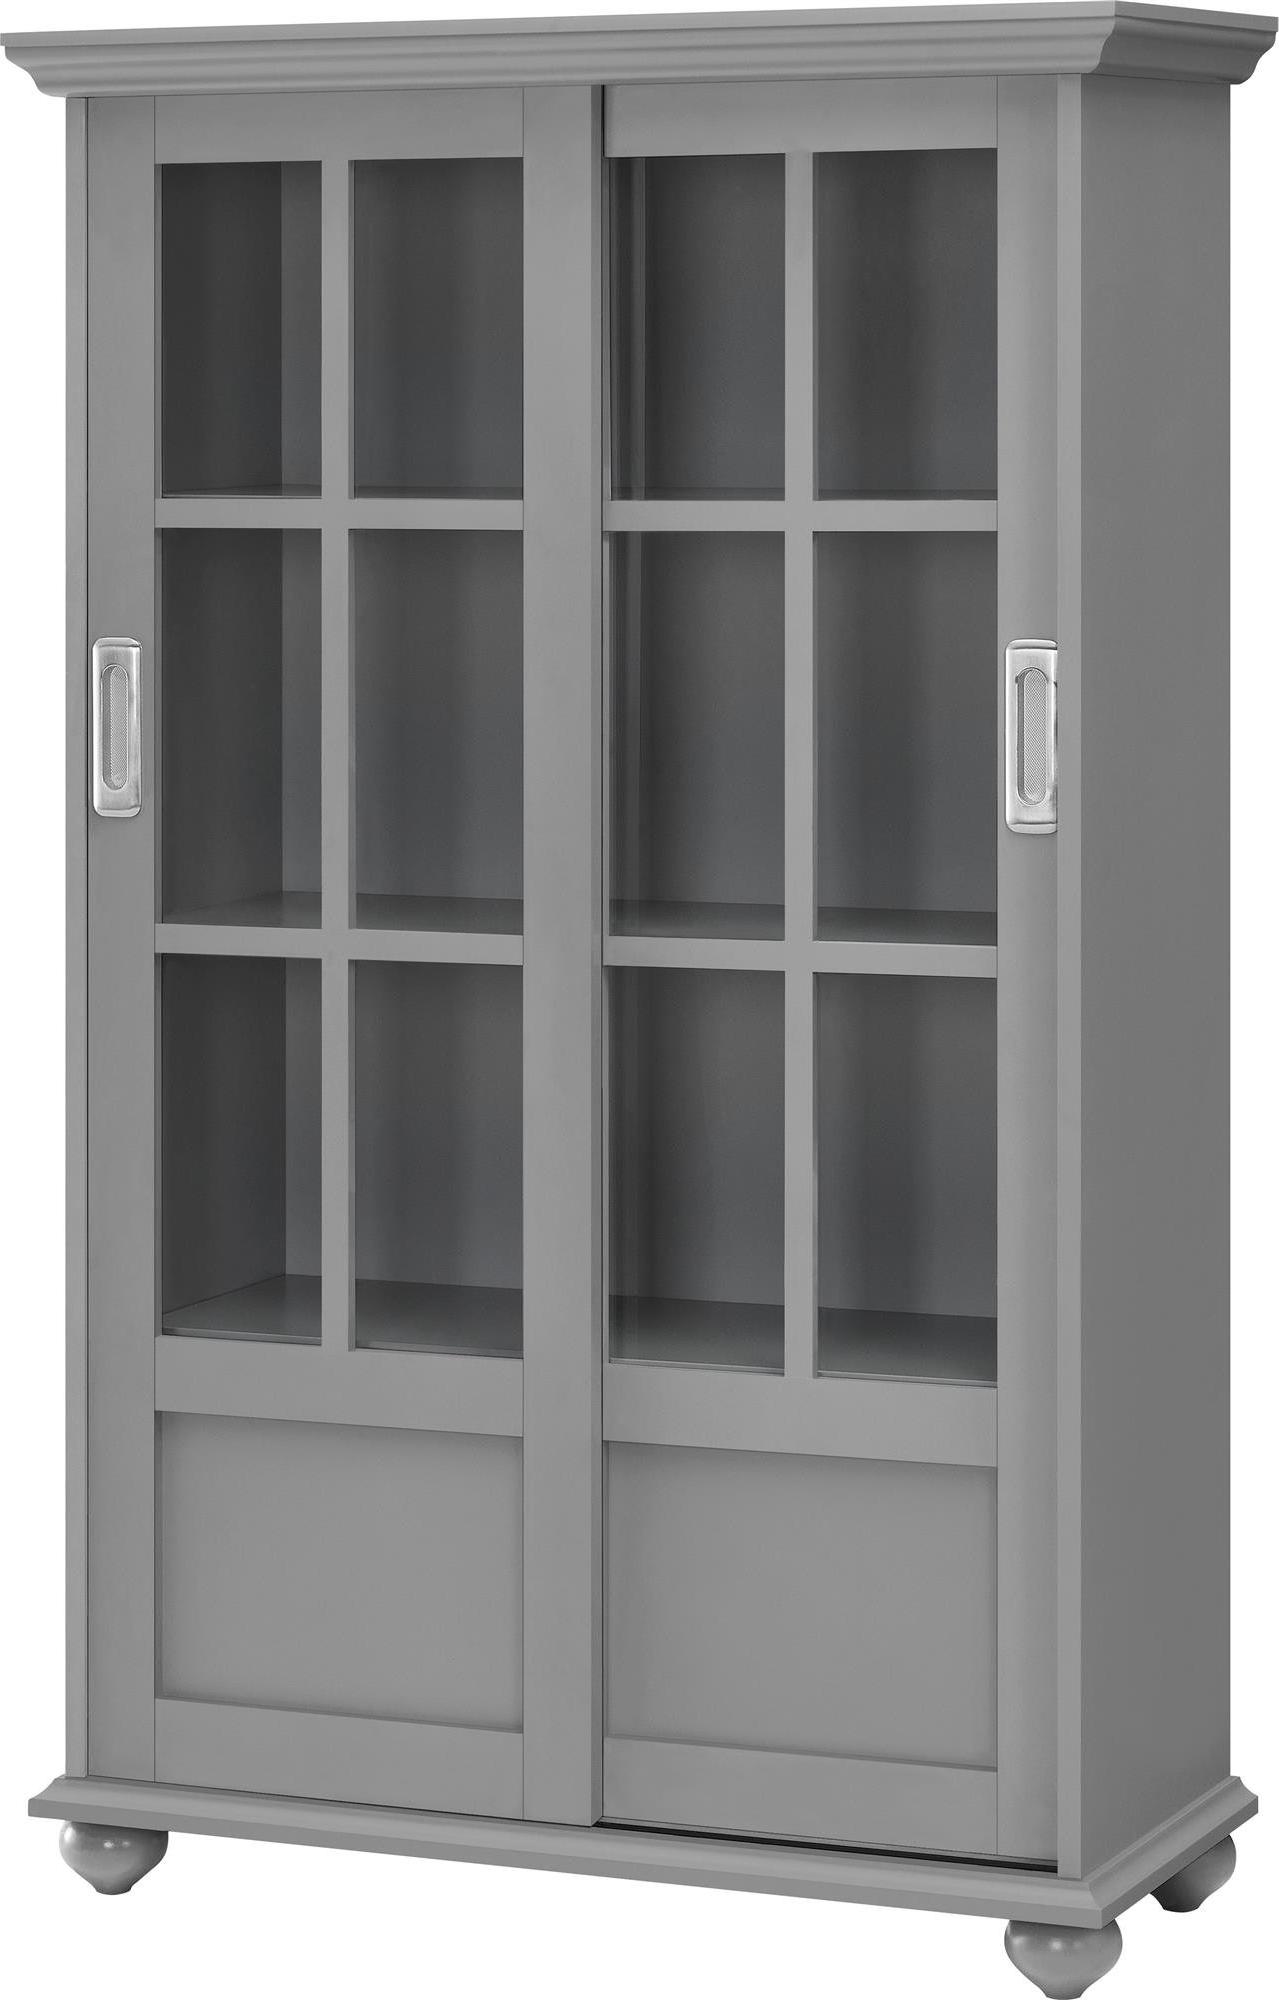 Charlton Home Cerrato Standard Bookcase Throughout Popular Cerrato Standard Bookcases (Gallery 8 of 20)